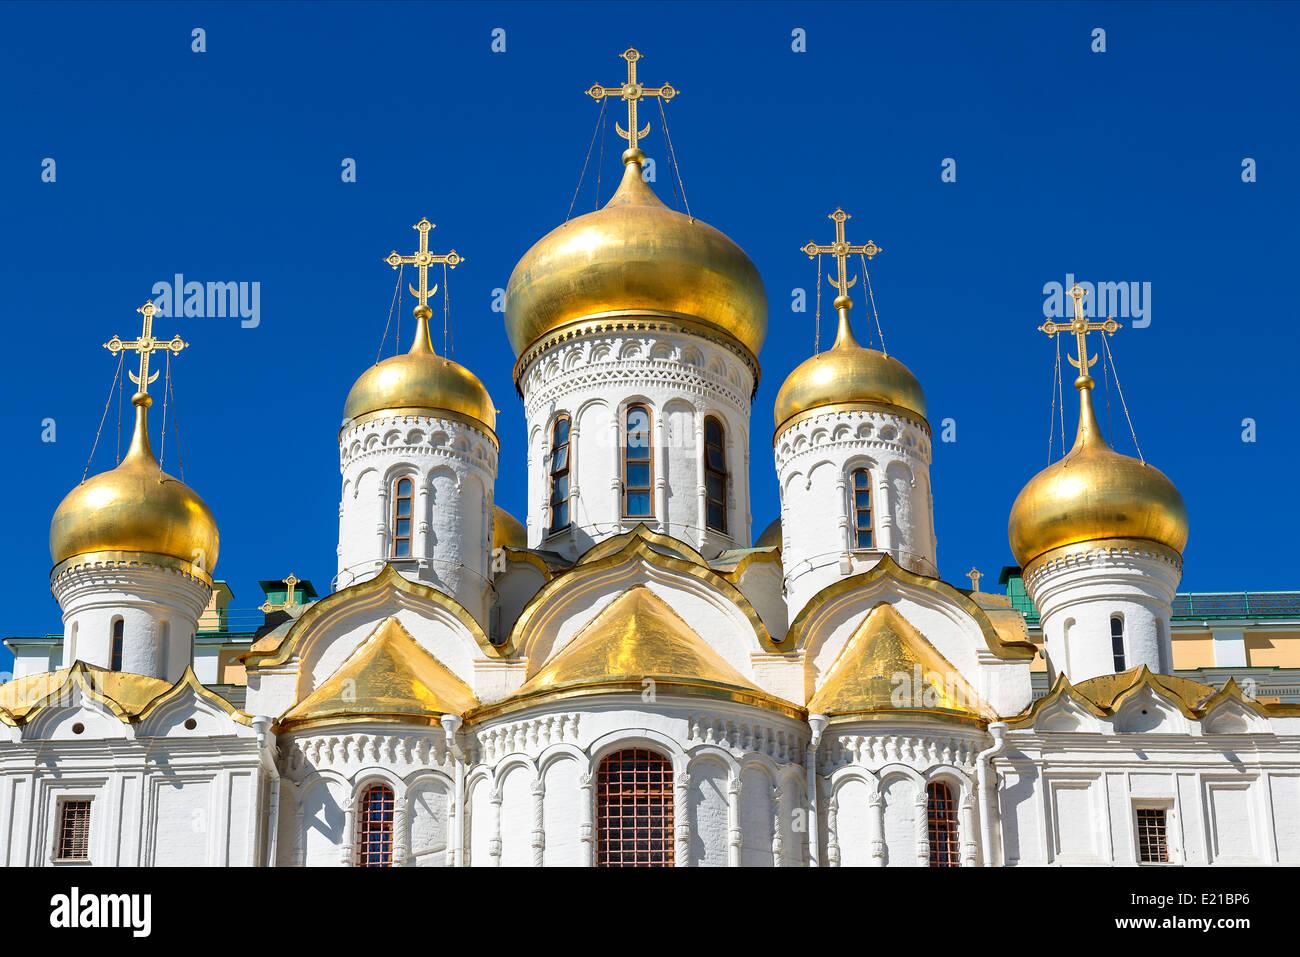 Mosca, la Cattedrale dell'Annunciazione Immagini Stock